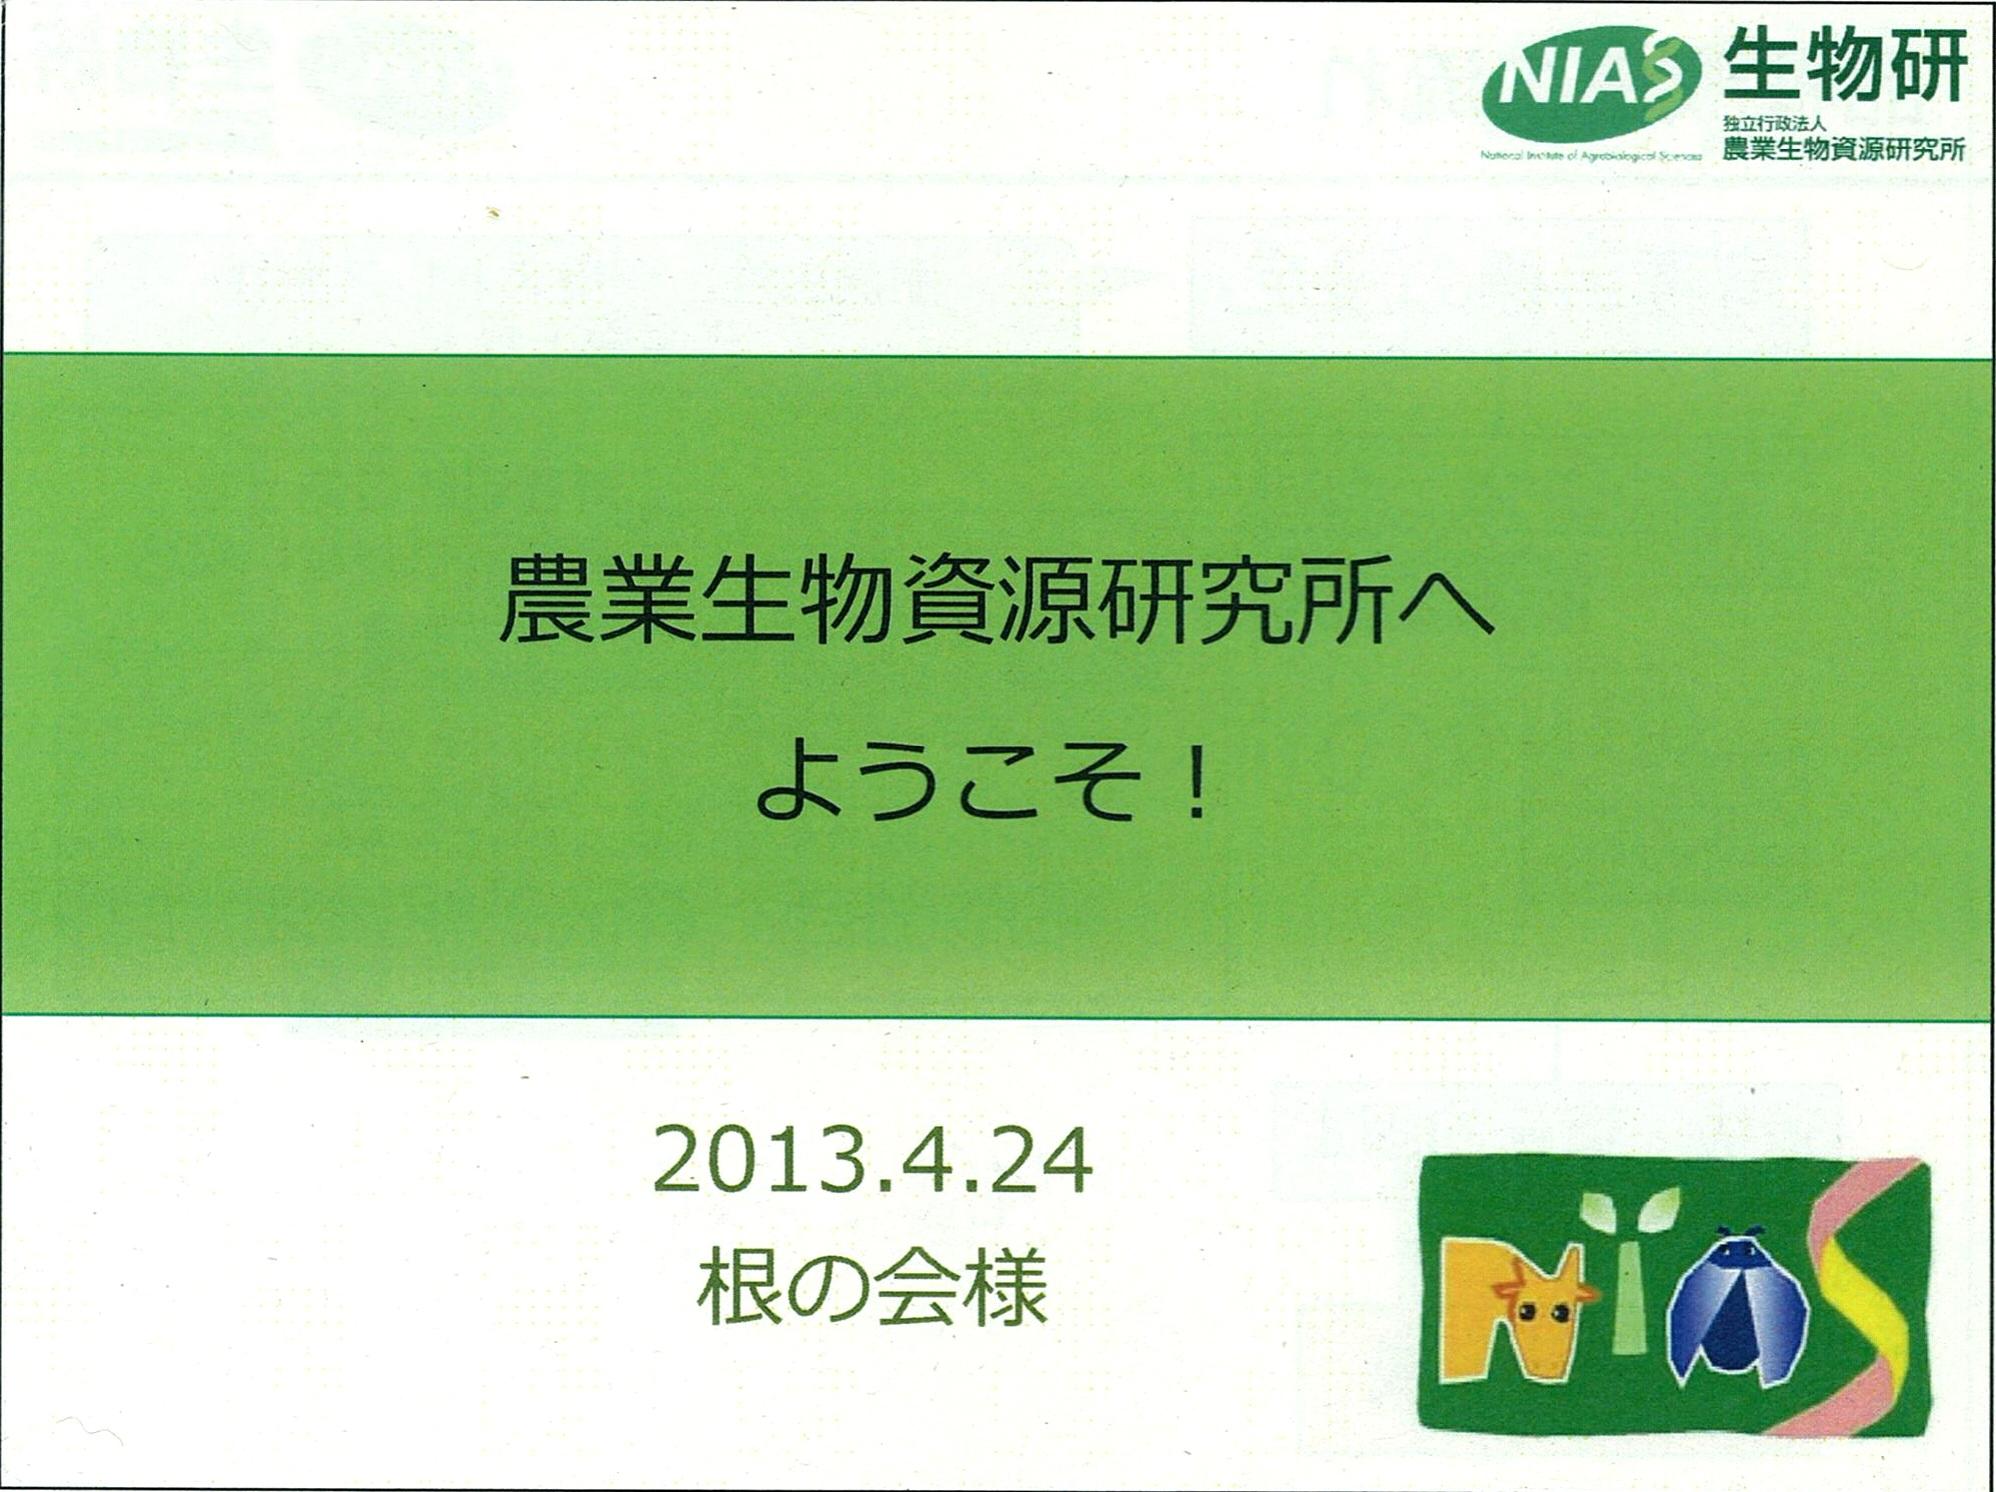 農業研究所 表紙